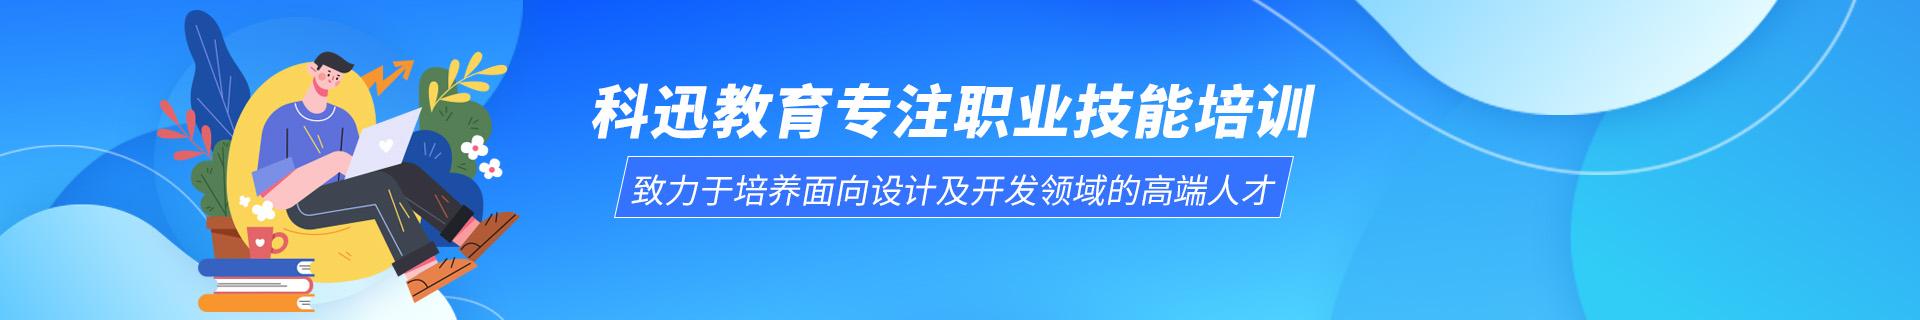 南京建邺区科迅教育机构